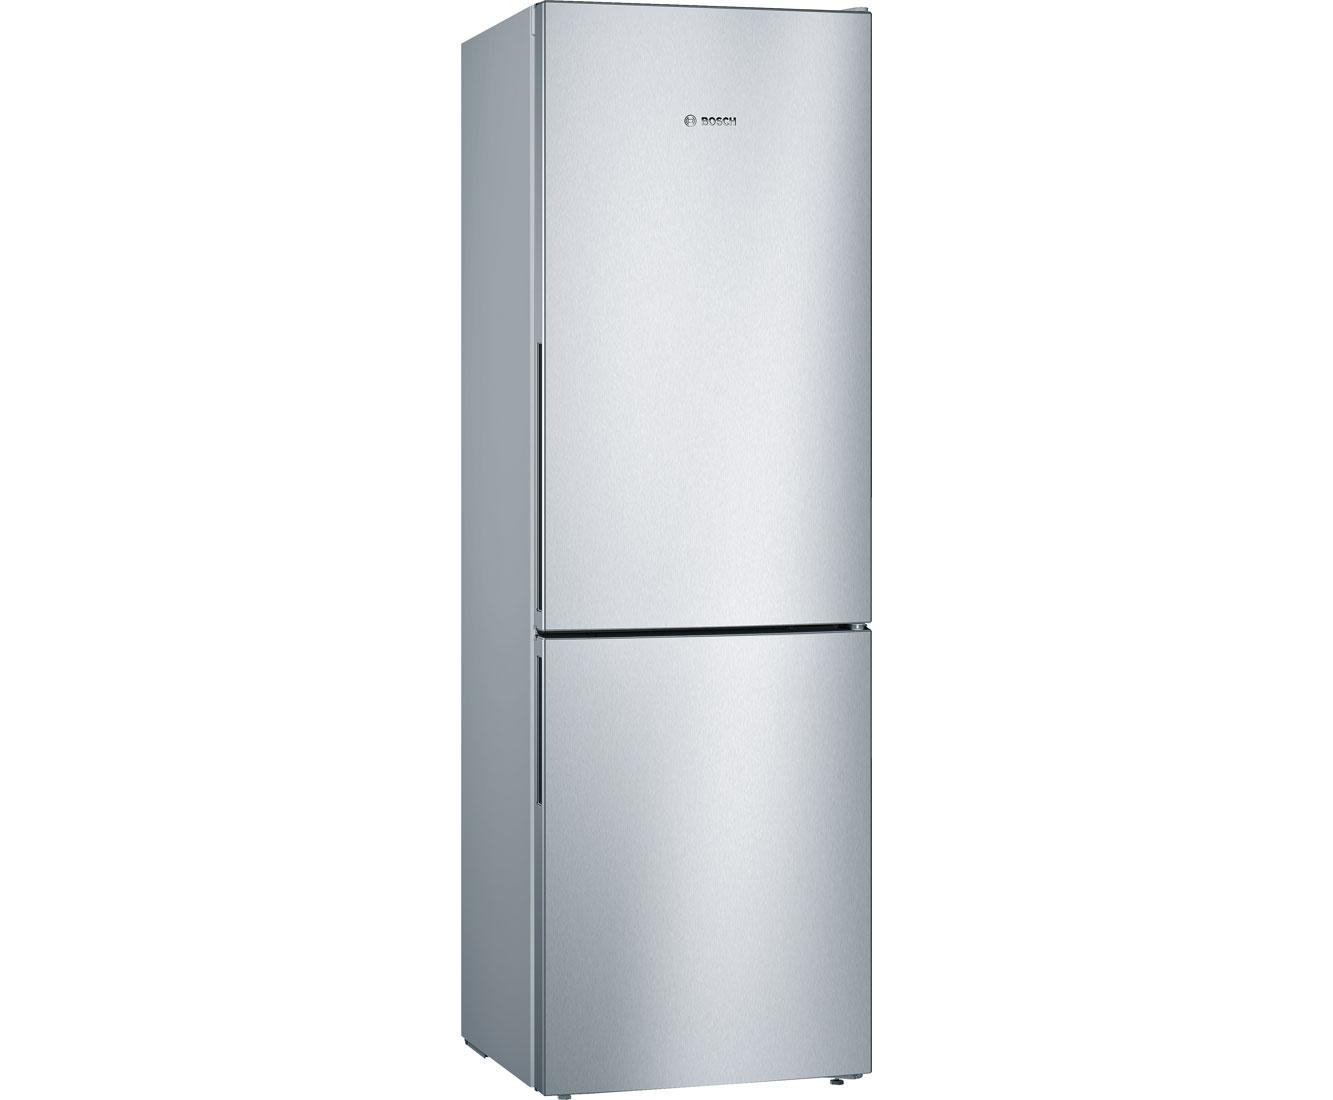 Bosch Kühlschrank Kgn 39 Xi 45 : Aqua hochglanz kühl gefrierkombis online kaufen möbel suchmaschine